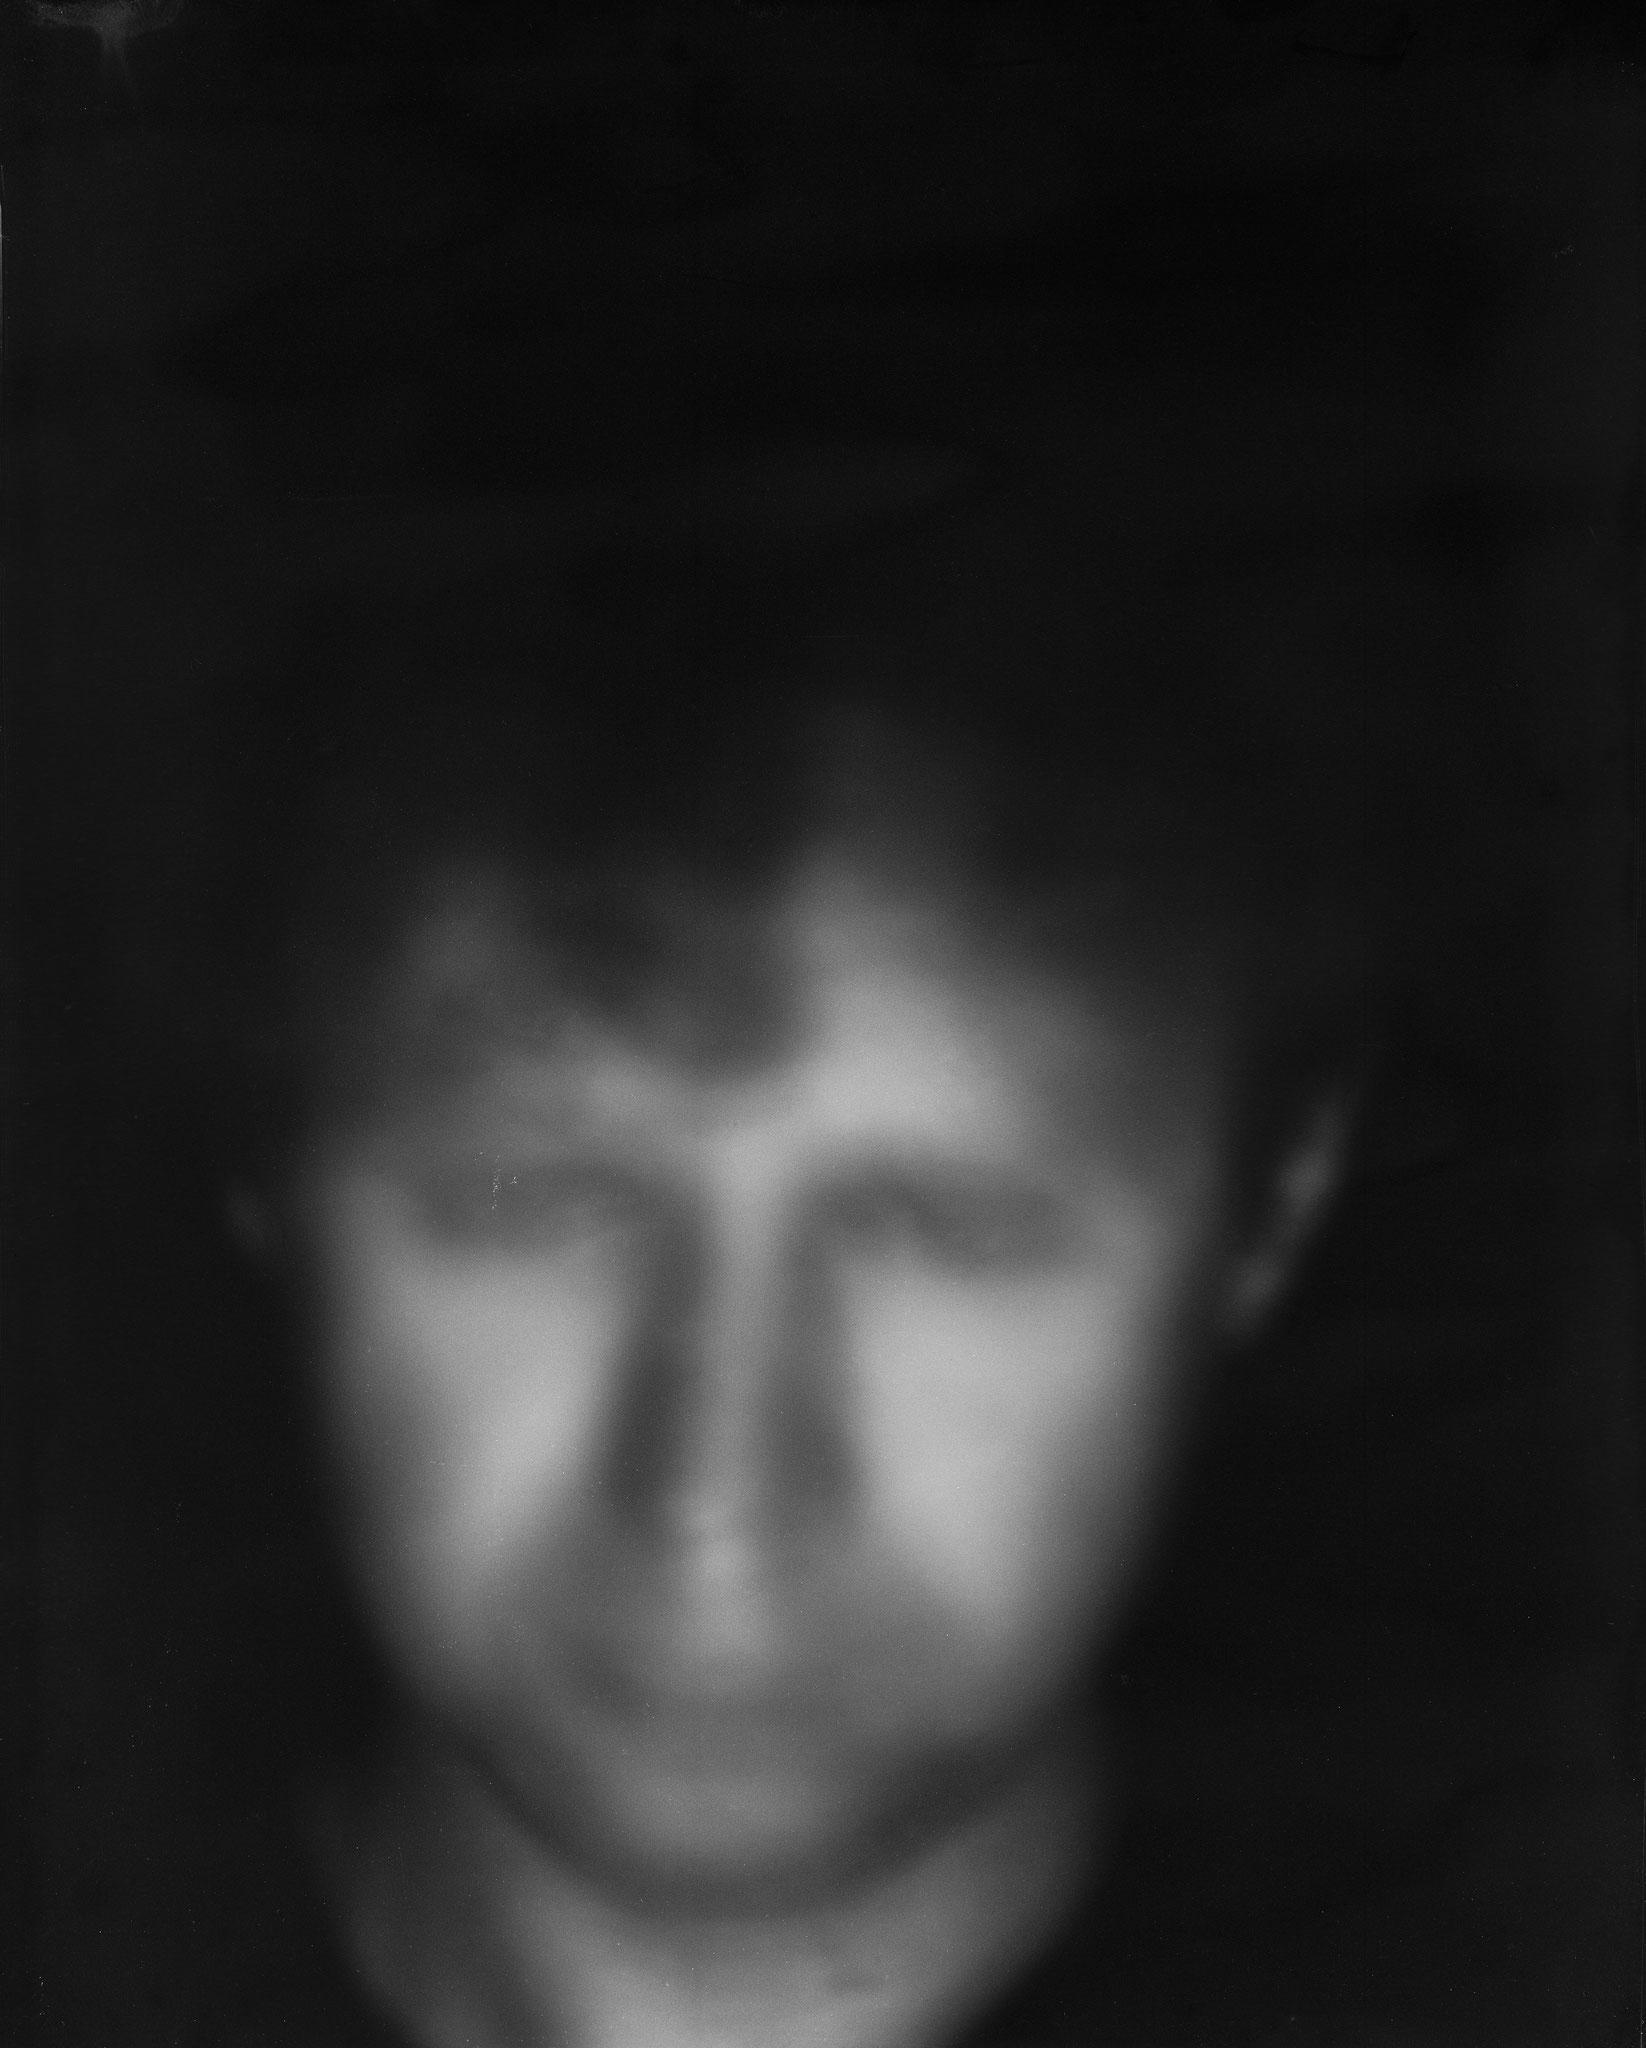 Dmitrij, Langzeitbelichtung von über 40 Minuten, 2014  belichtet auf 8 x 10inch Negativmaterial, Pigmentdruck auf Büttenpapier, Grösse variabel